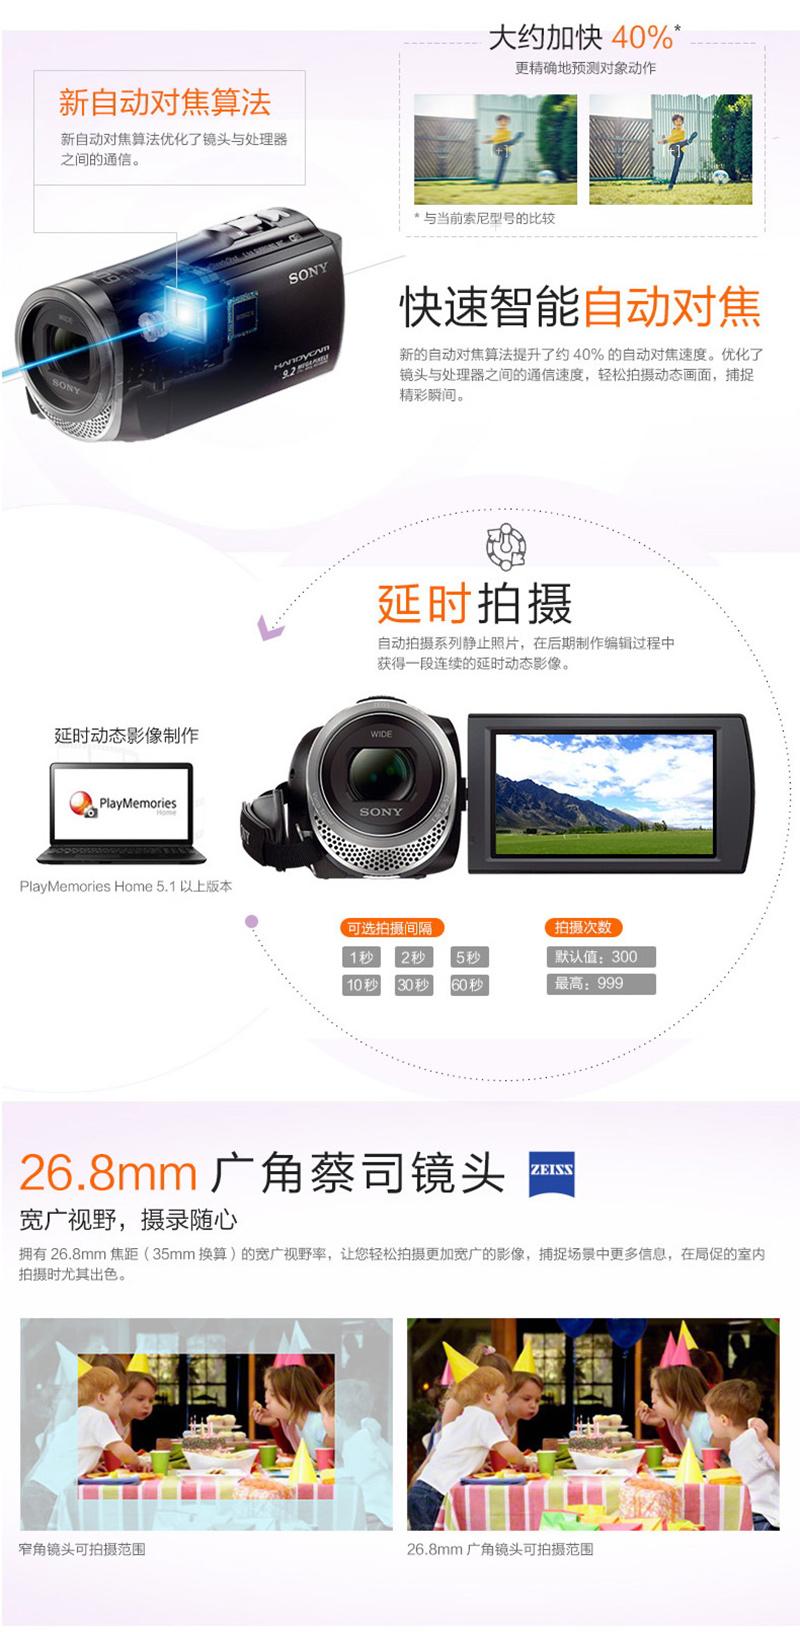 索尼(SONY)HDR-CX450 高清数码摄像机 光学防抖30倍变焦 CX450 HDR-CX450E 官方标配